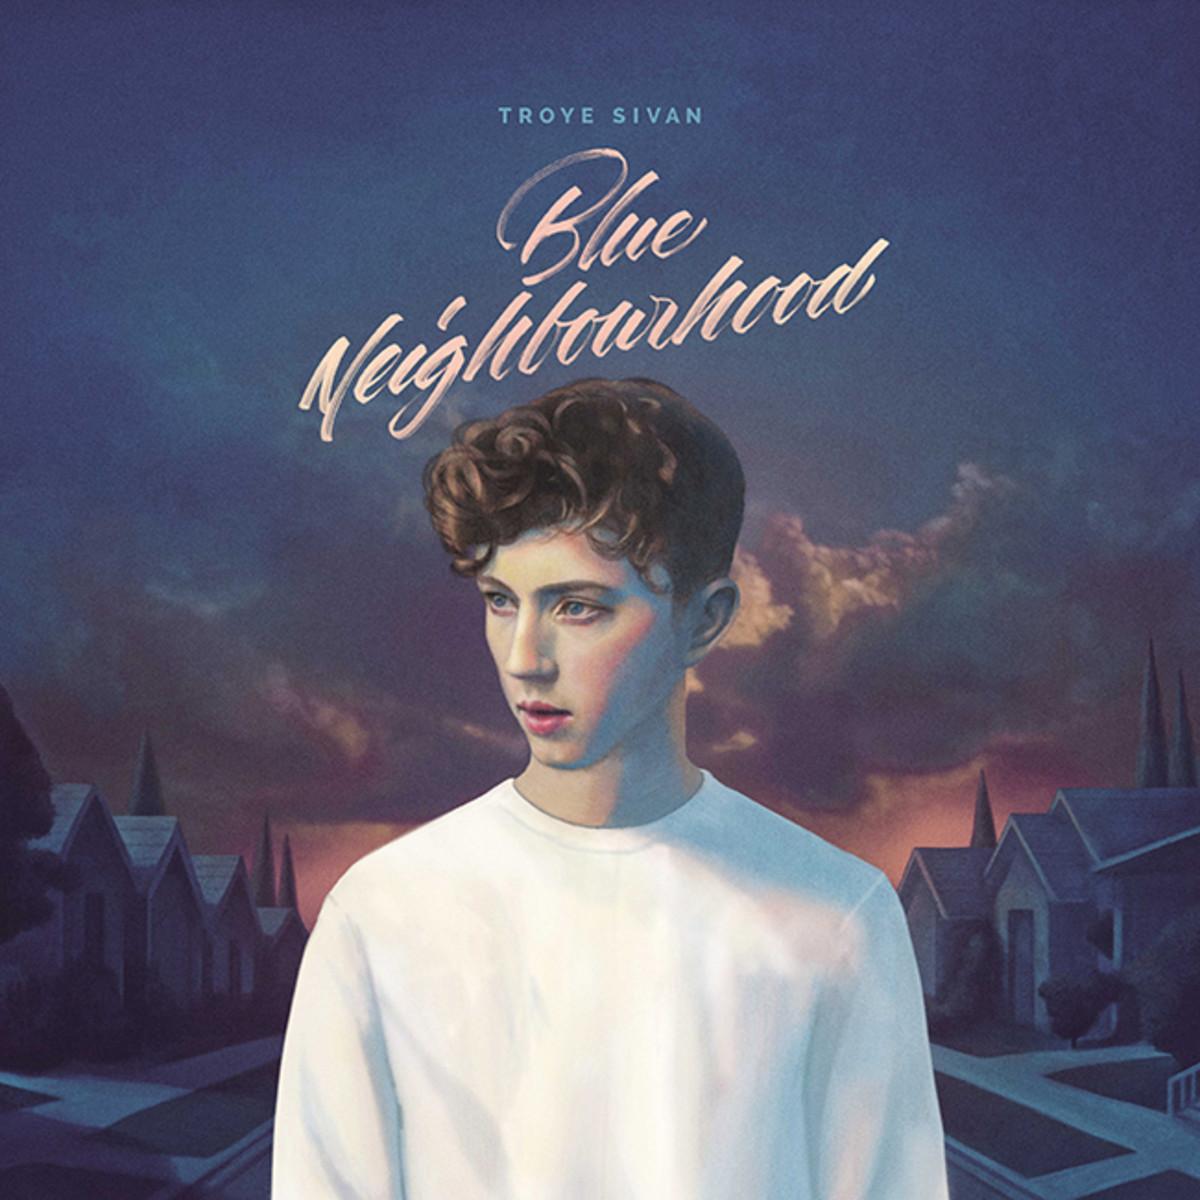 Troye Sivan's Blue Neighbourhood (Album Review)